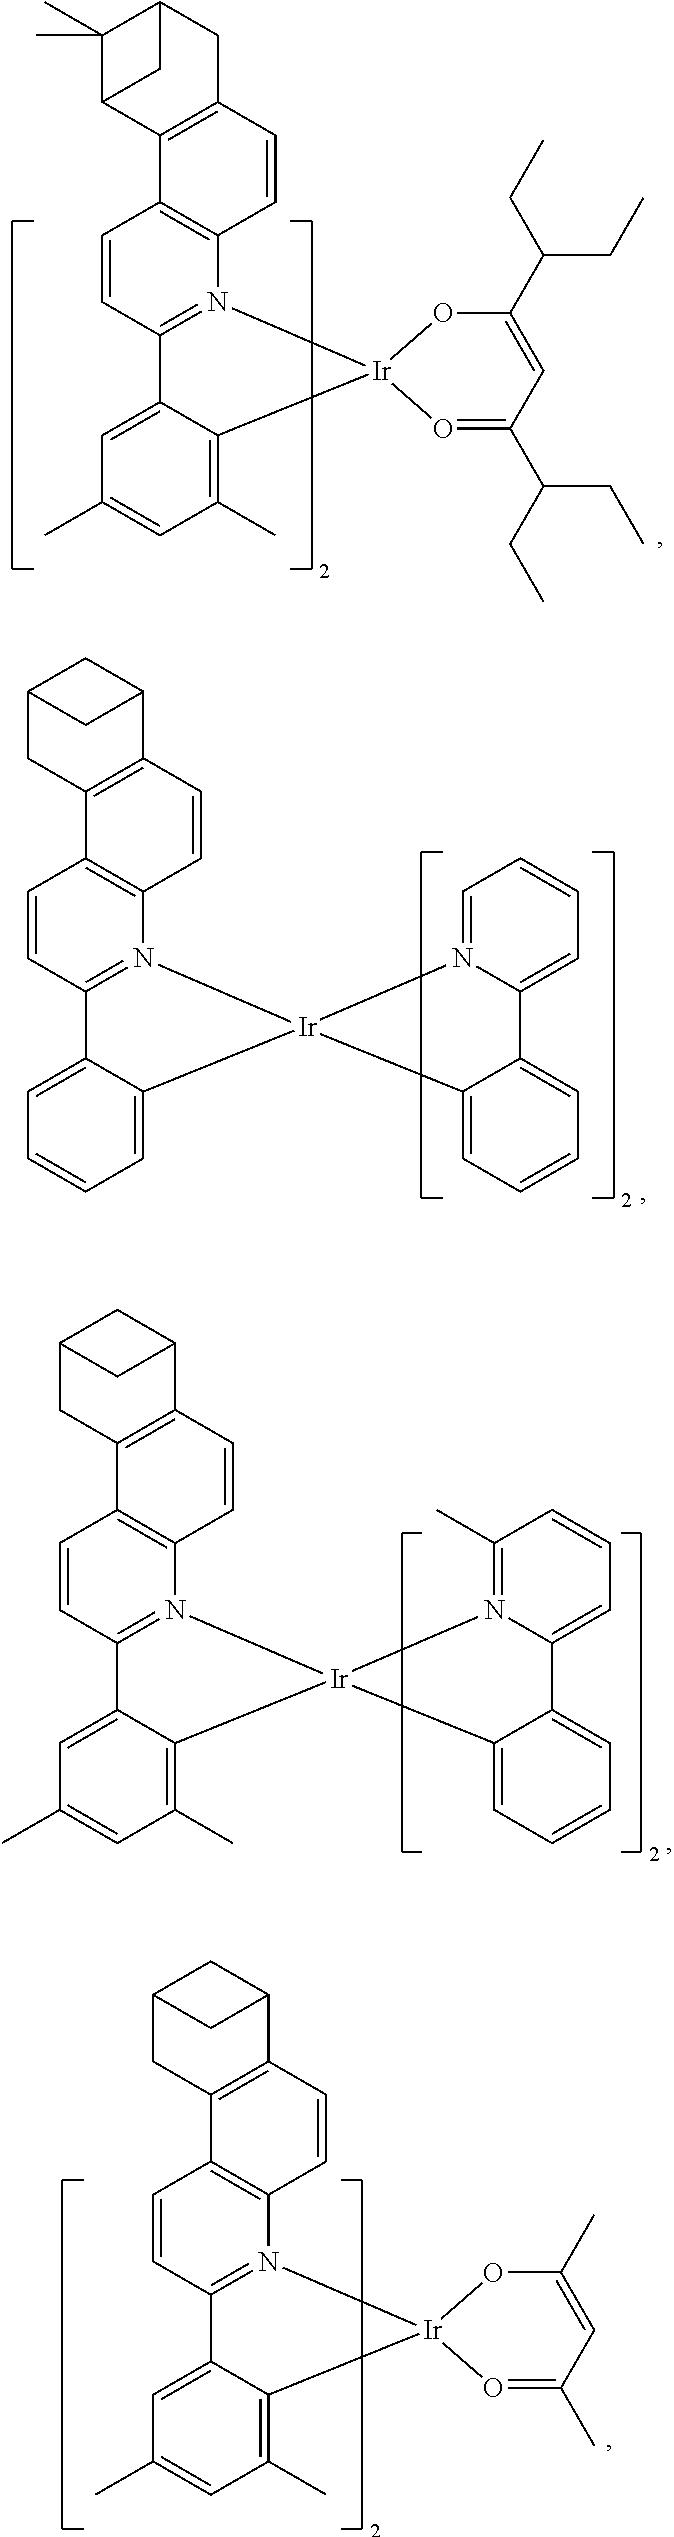 Figure US09691993-20170627-C00059